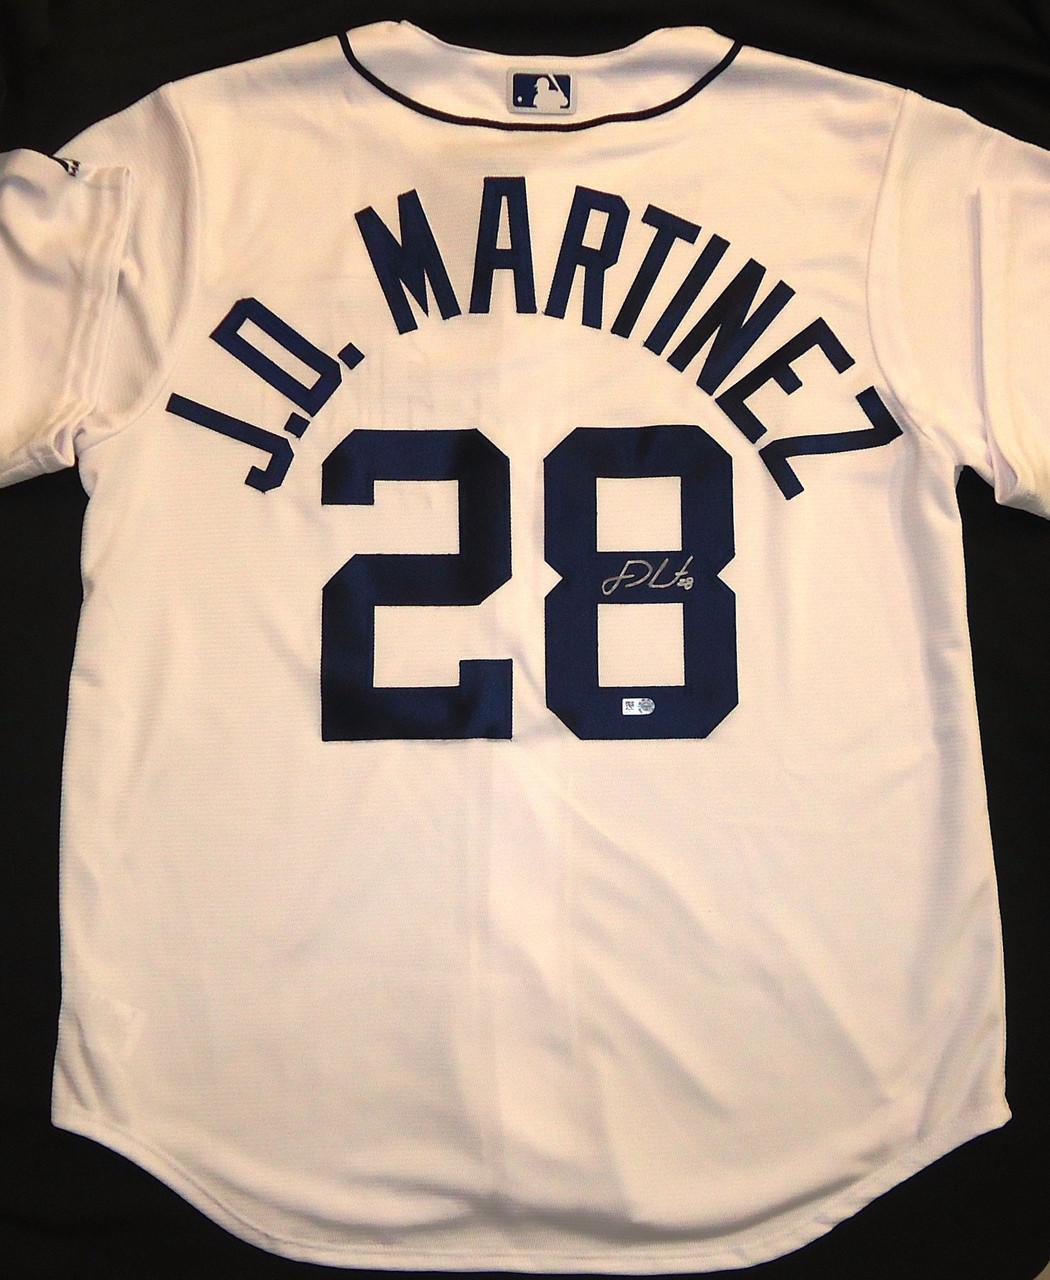 official photos 7b51b 71924 J.D. Martinez Autographed Detroit Tigers Home Jersey